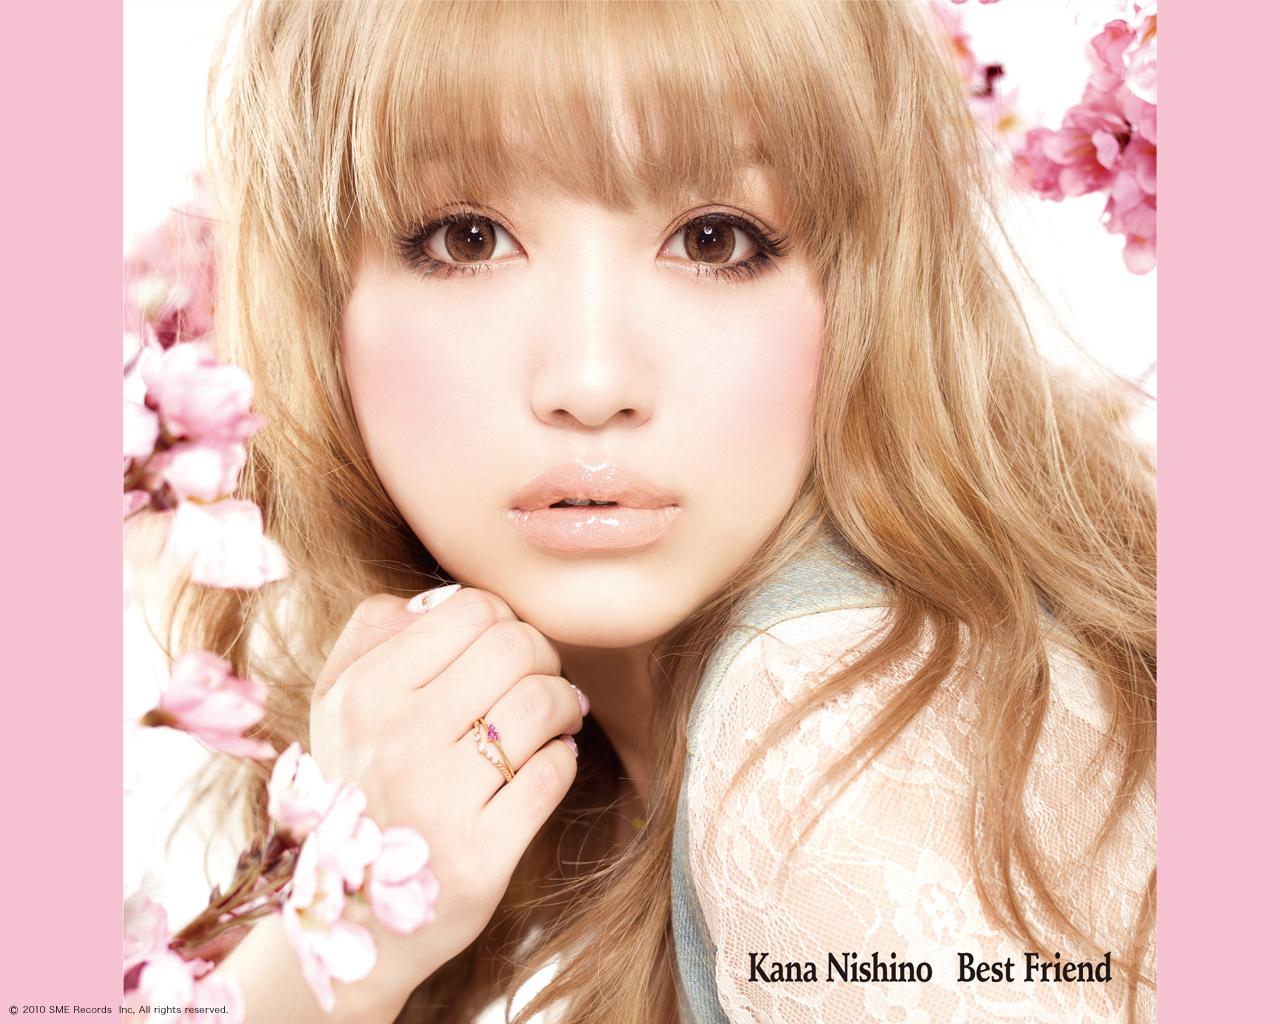 kana kawaii nishino 5e - photo #26